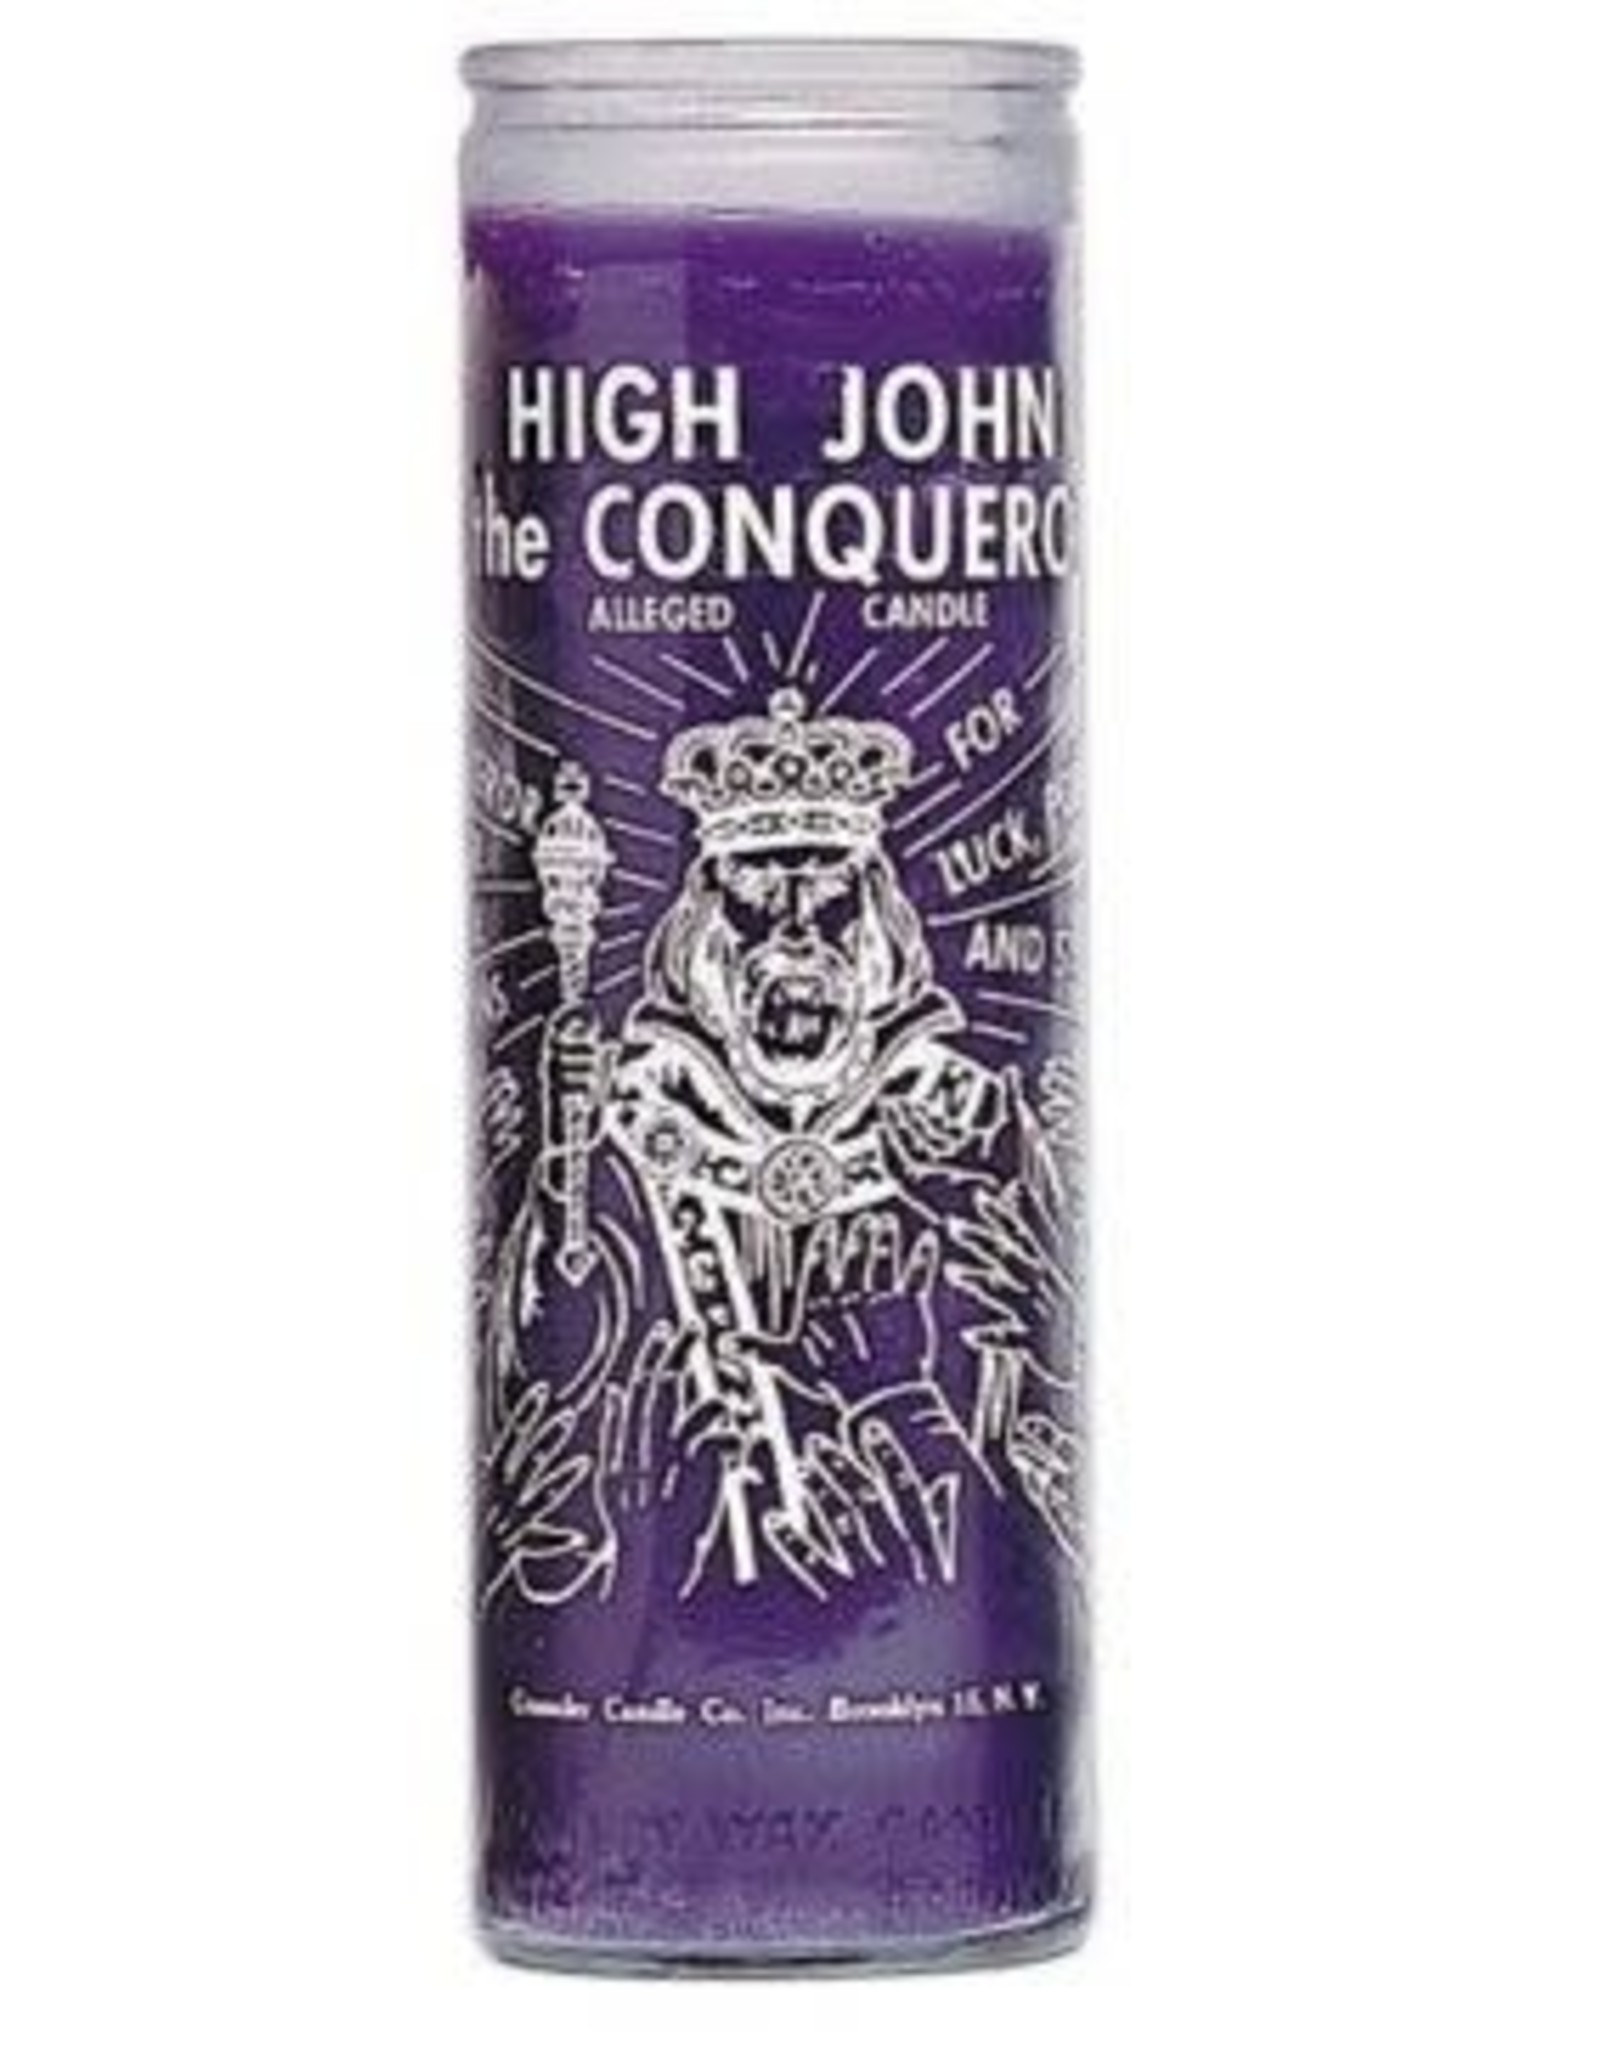 High John Conqueror 7 Day Candle